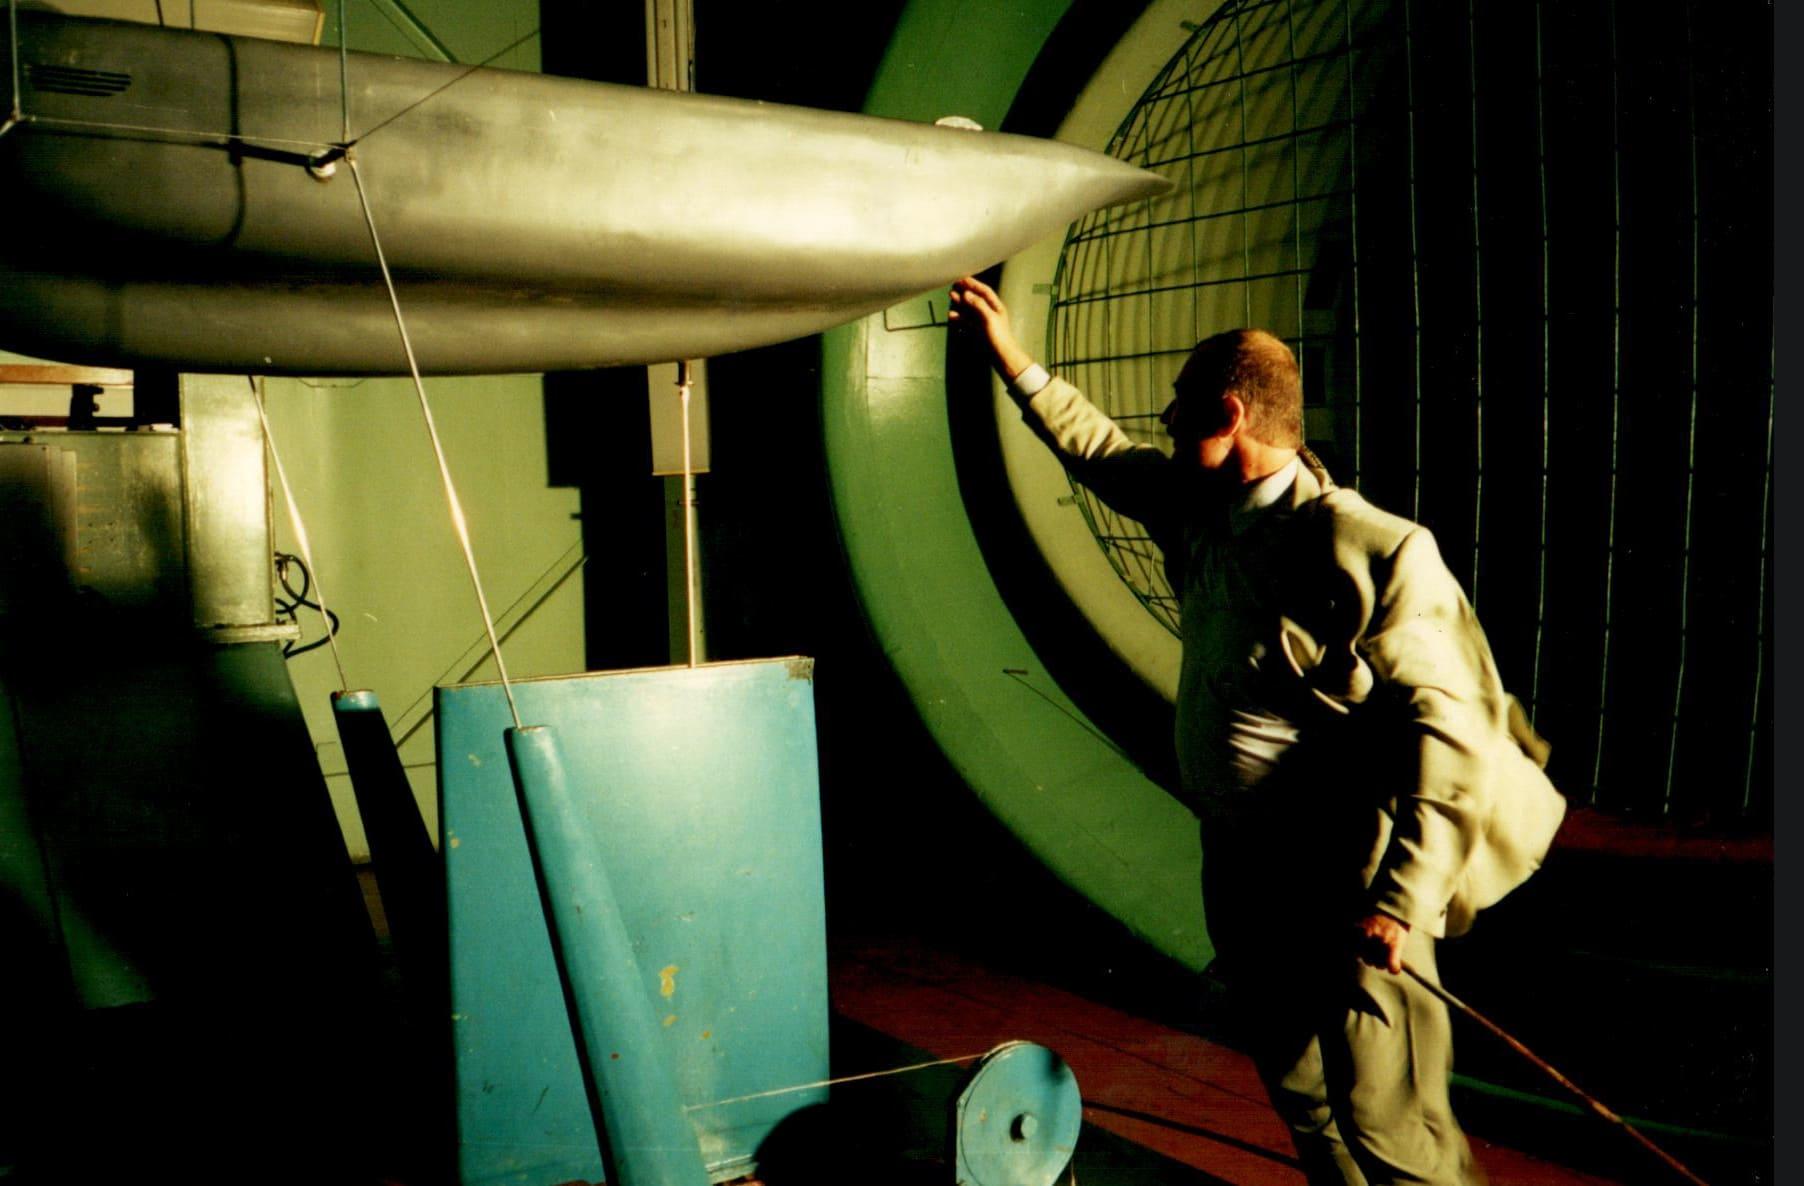 Продувка двухкорпусного Юнибуса в аэродинамической трубе. Октябрь 2000г.